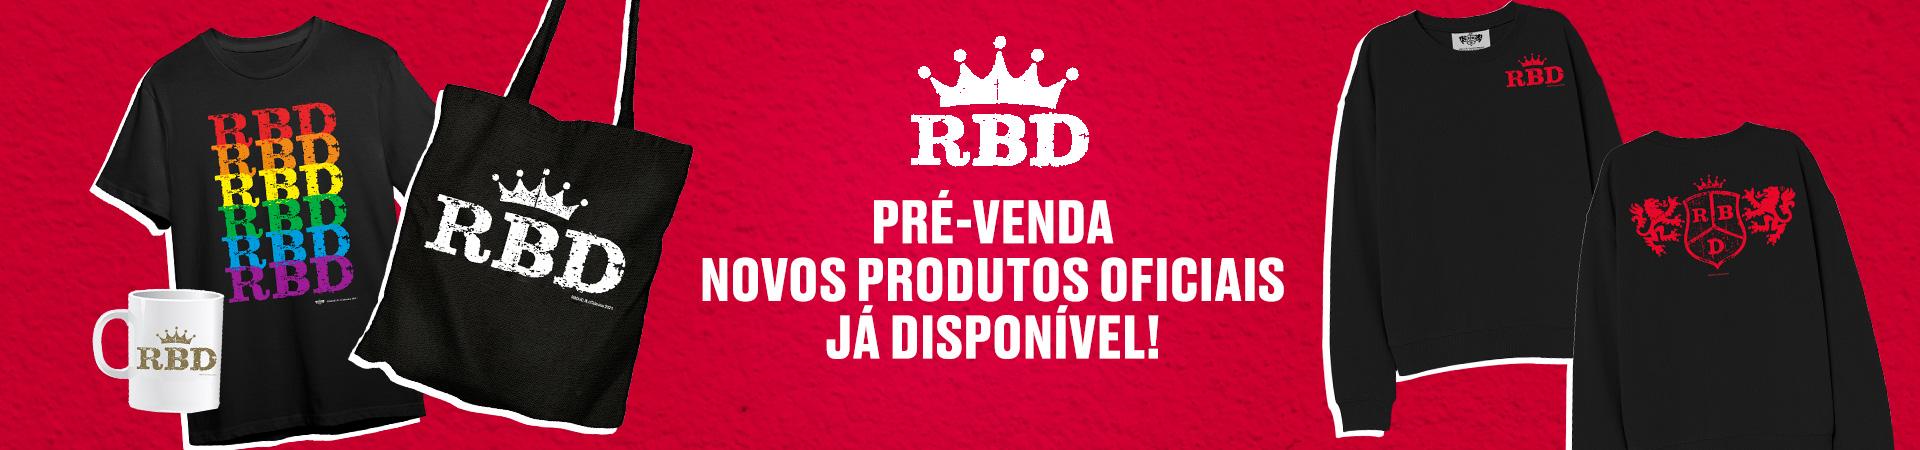 RBD mercha novo